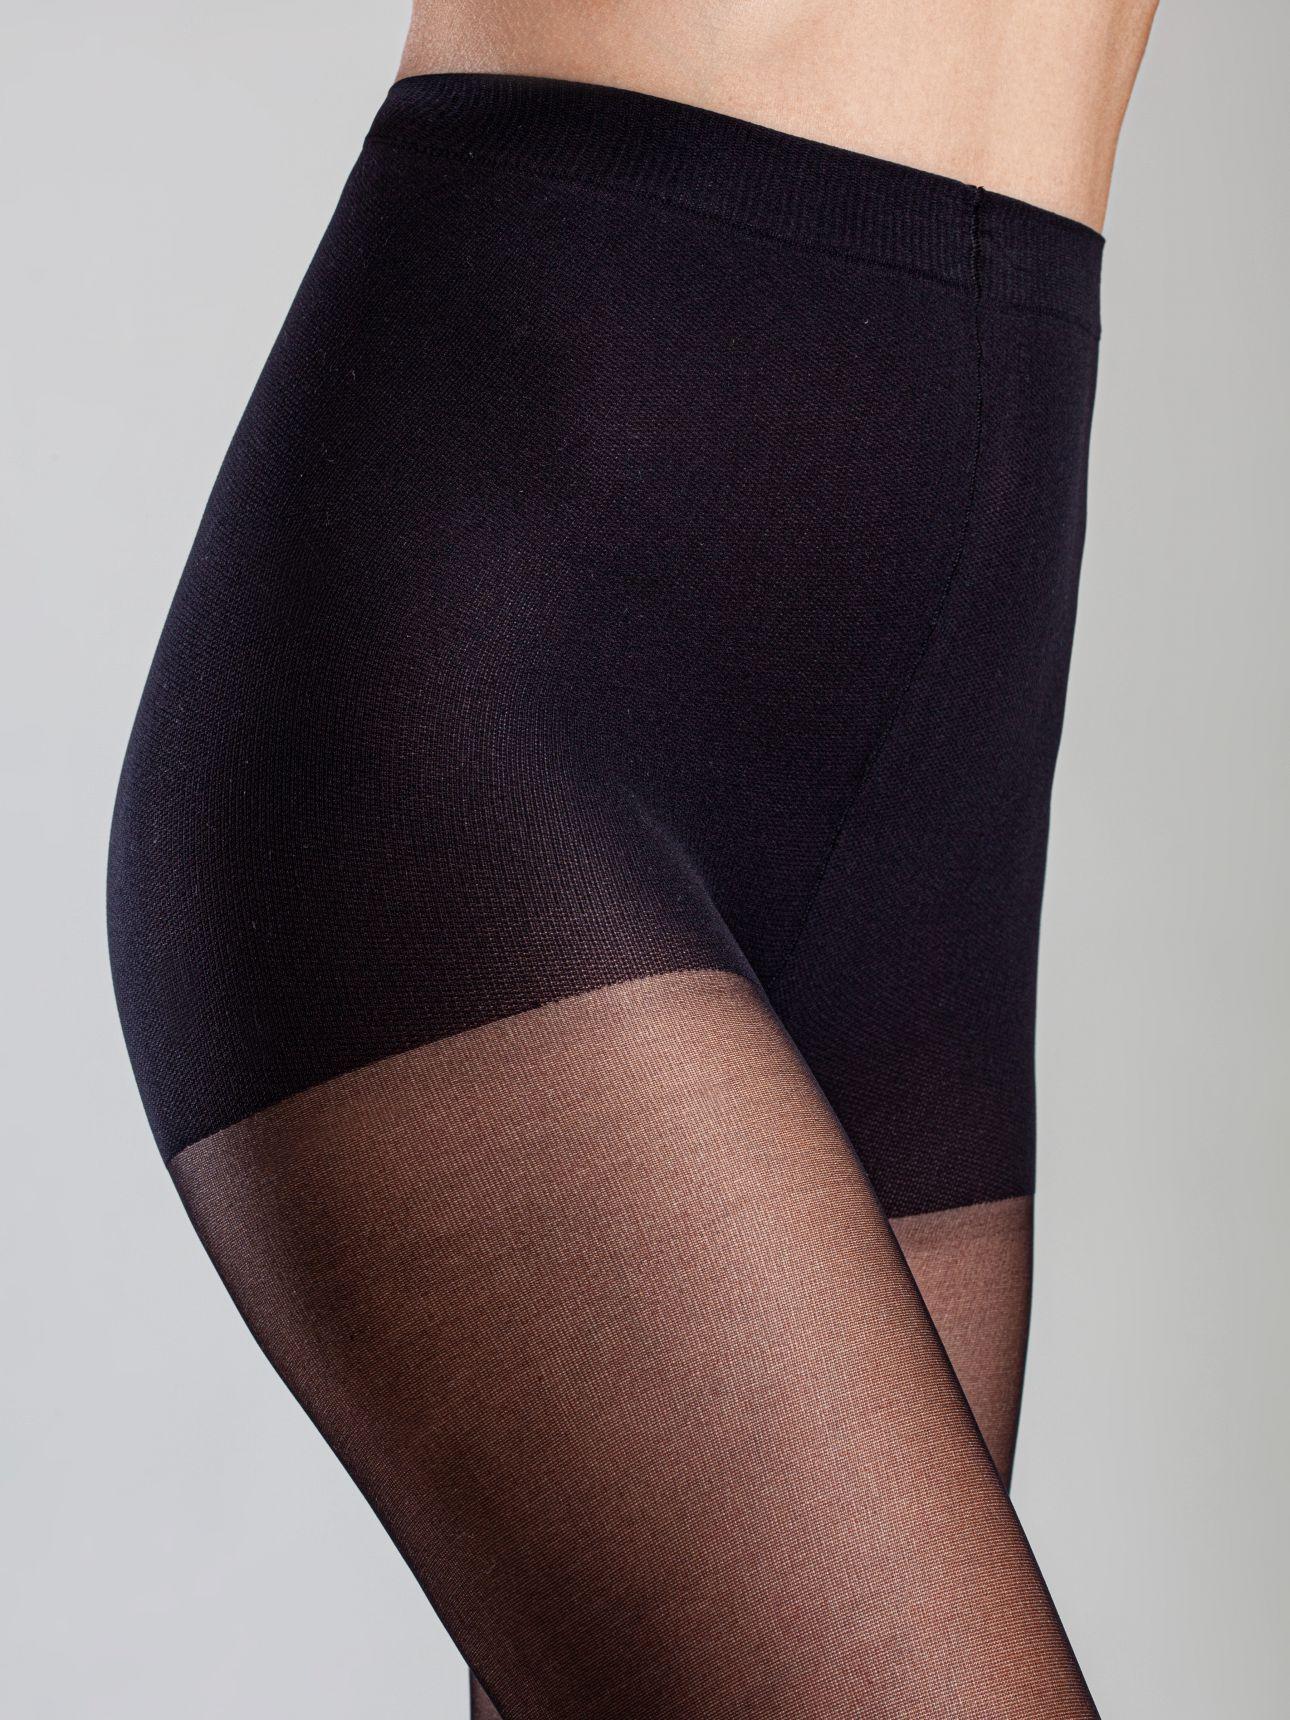 גרבון ניילון נשים 20 דנייר MONICA בצבע שחור